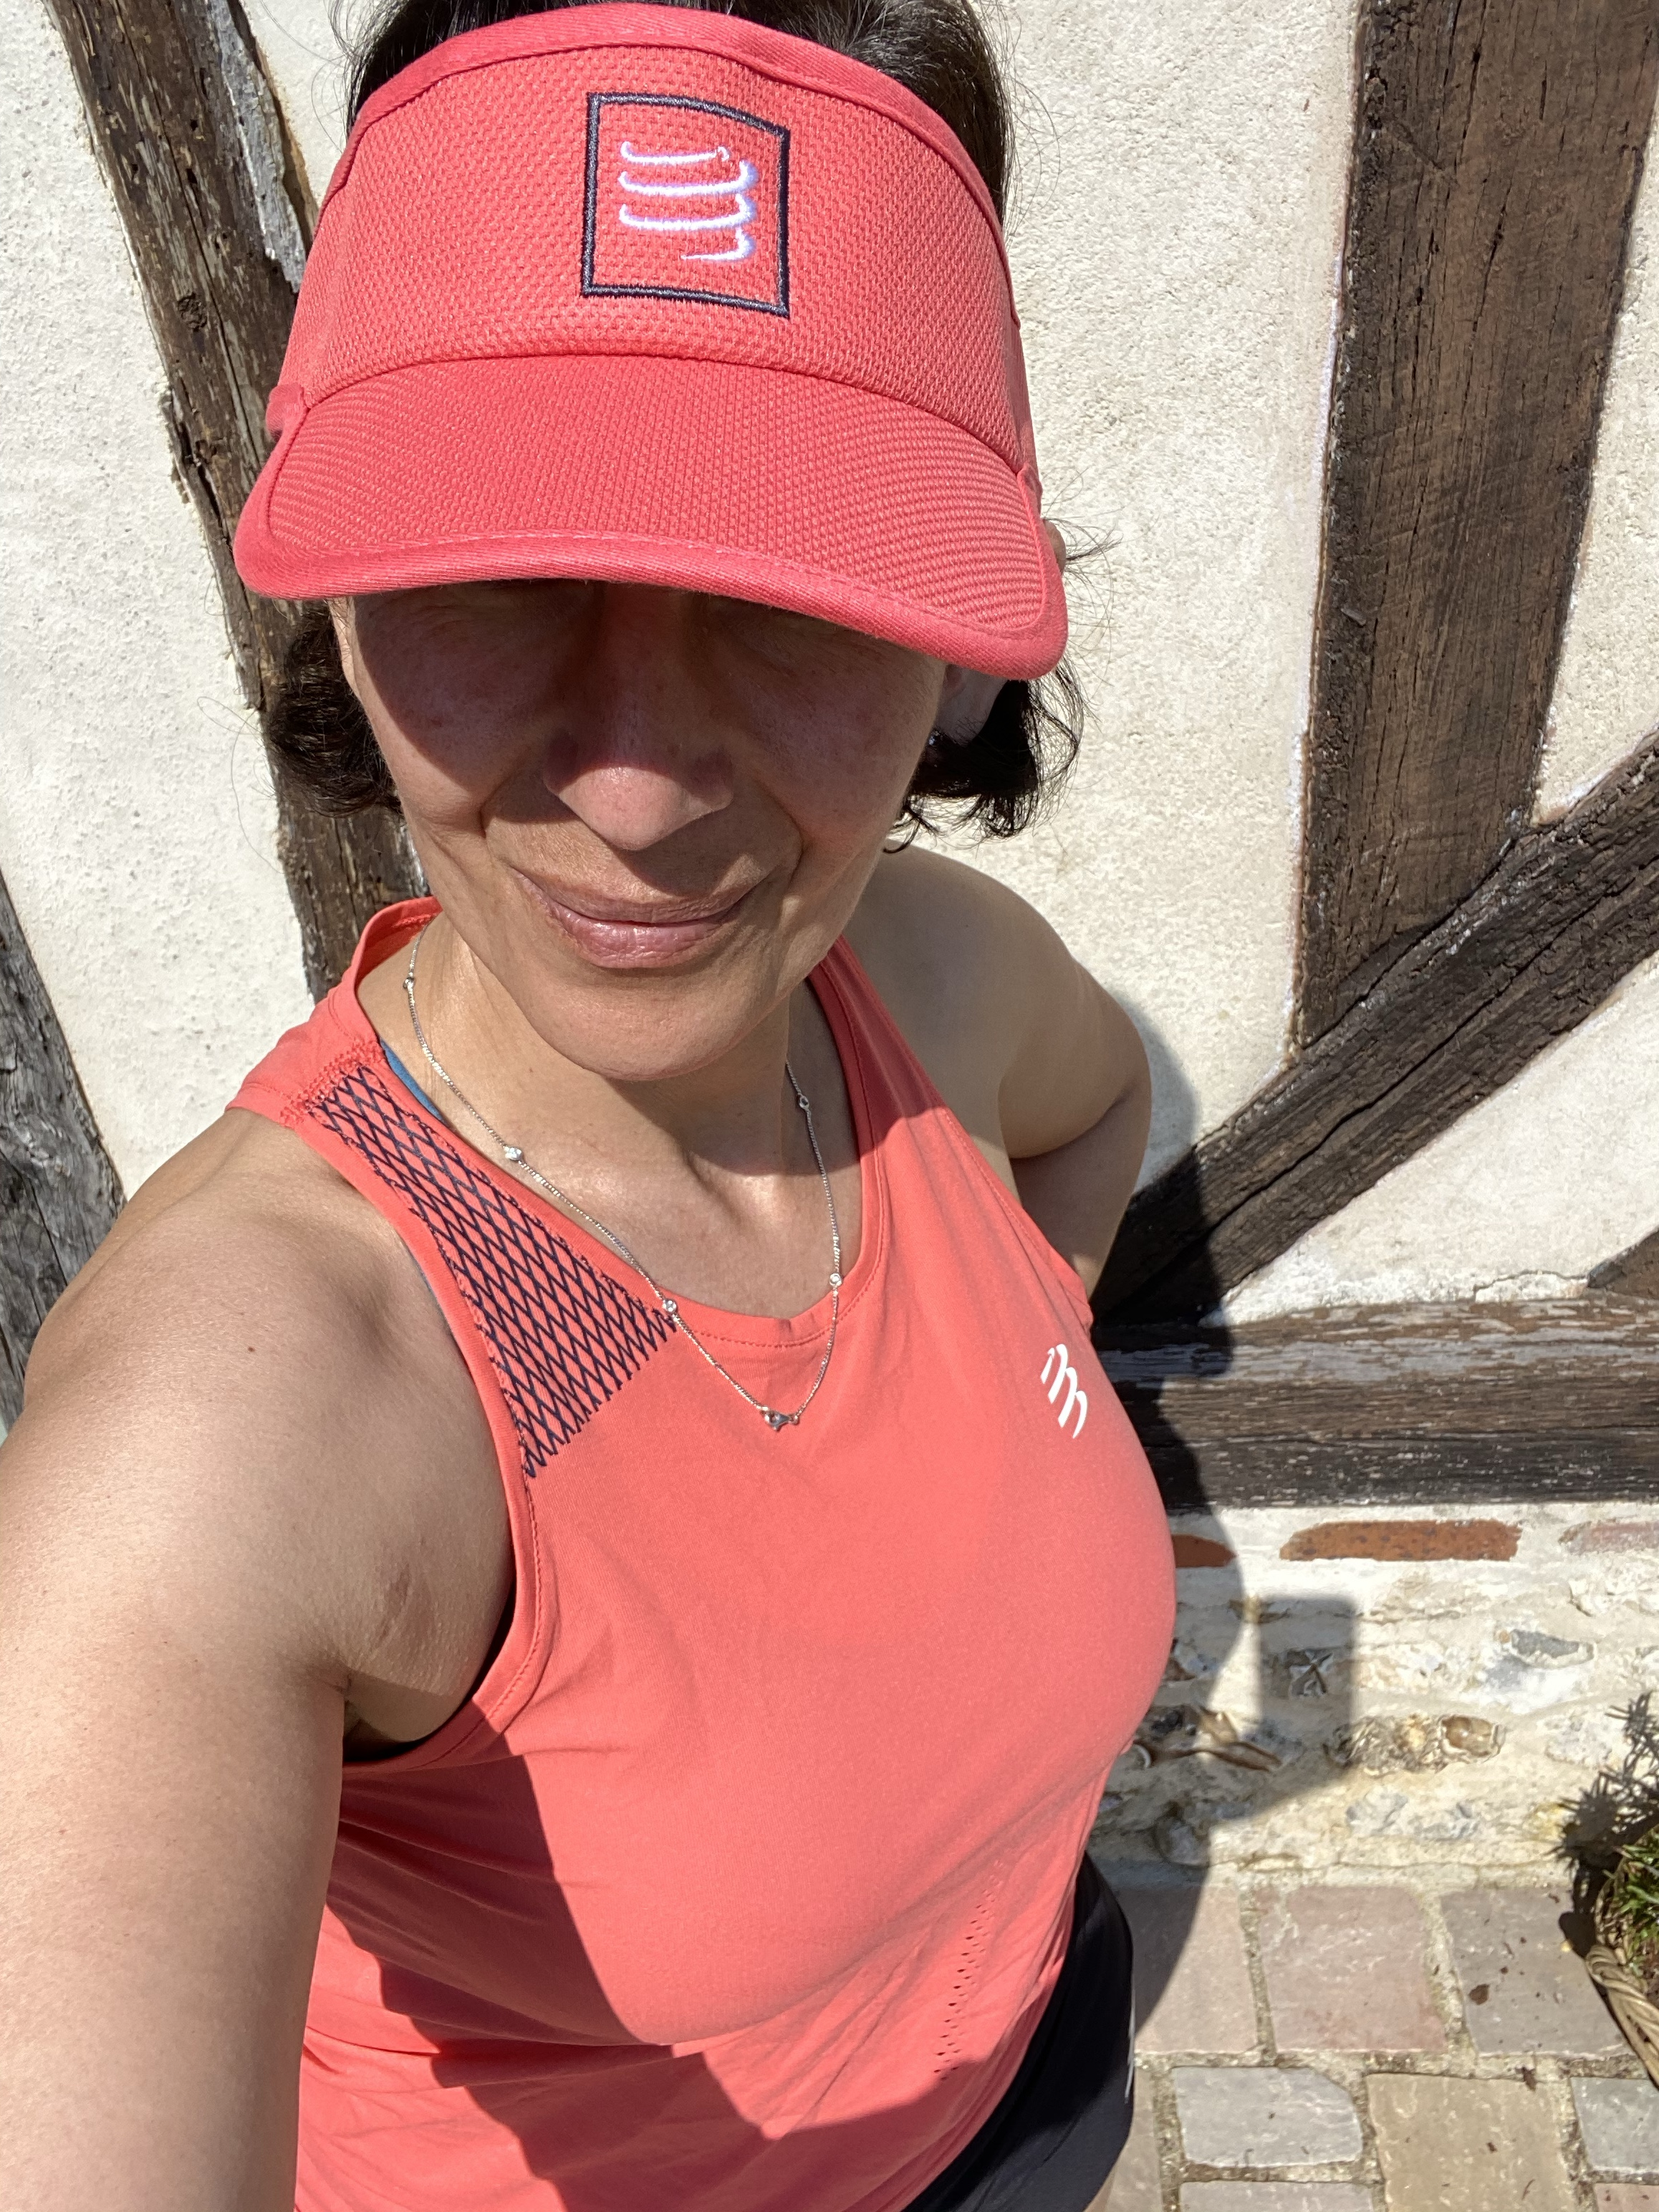 Visière test Compressport Running femme